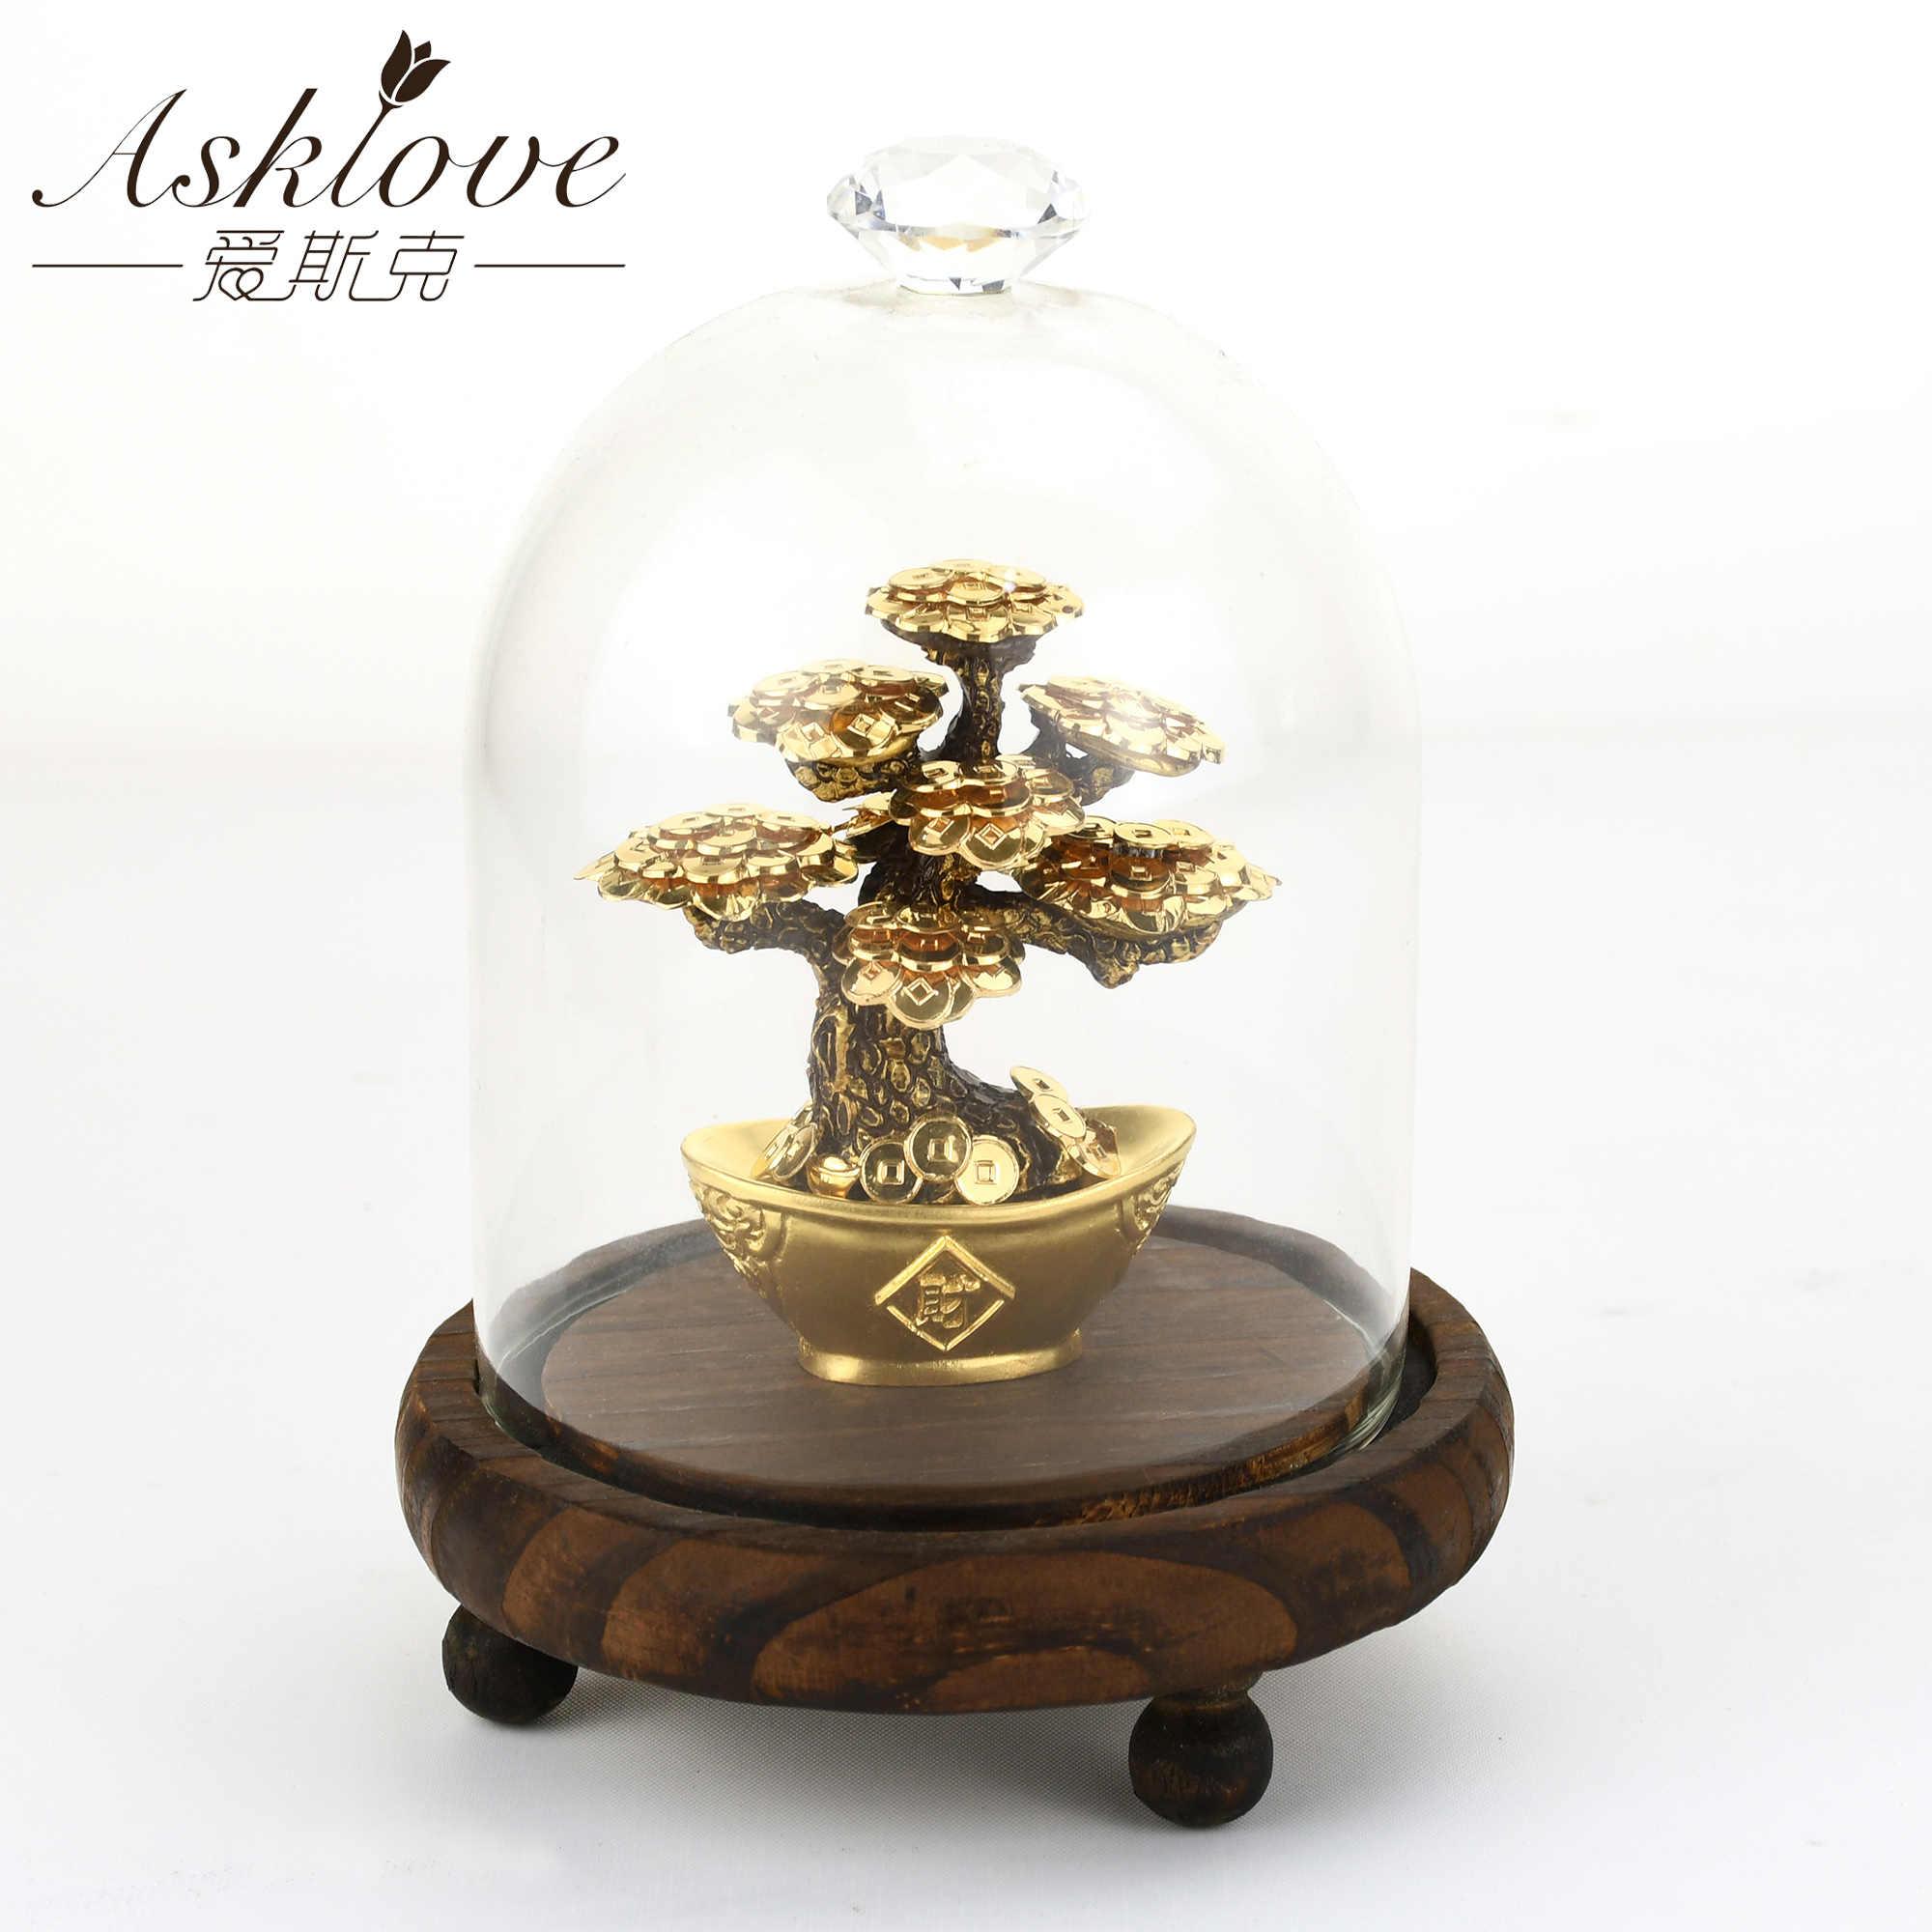 Feng Shui Fortune arbre feuille d'or argent arbre bonsaï bureau table chanceux richesse ornements cadeaux décoration de la maison avec boîte de cadeaux